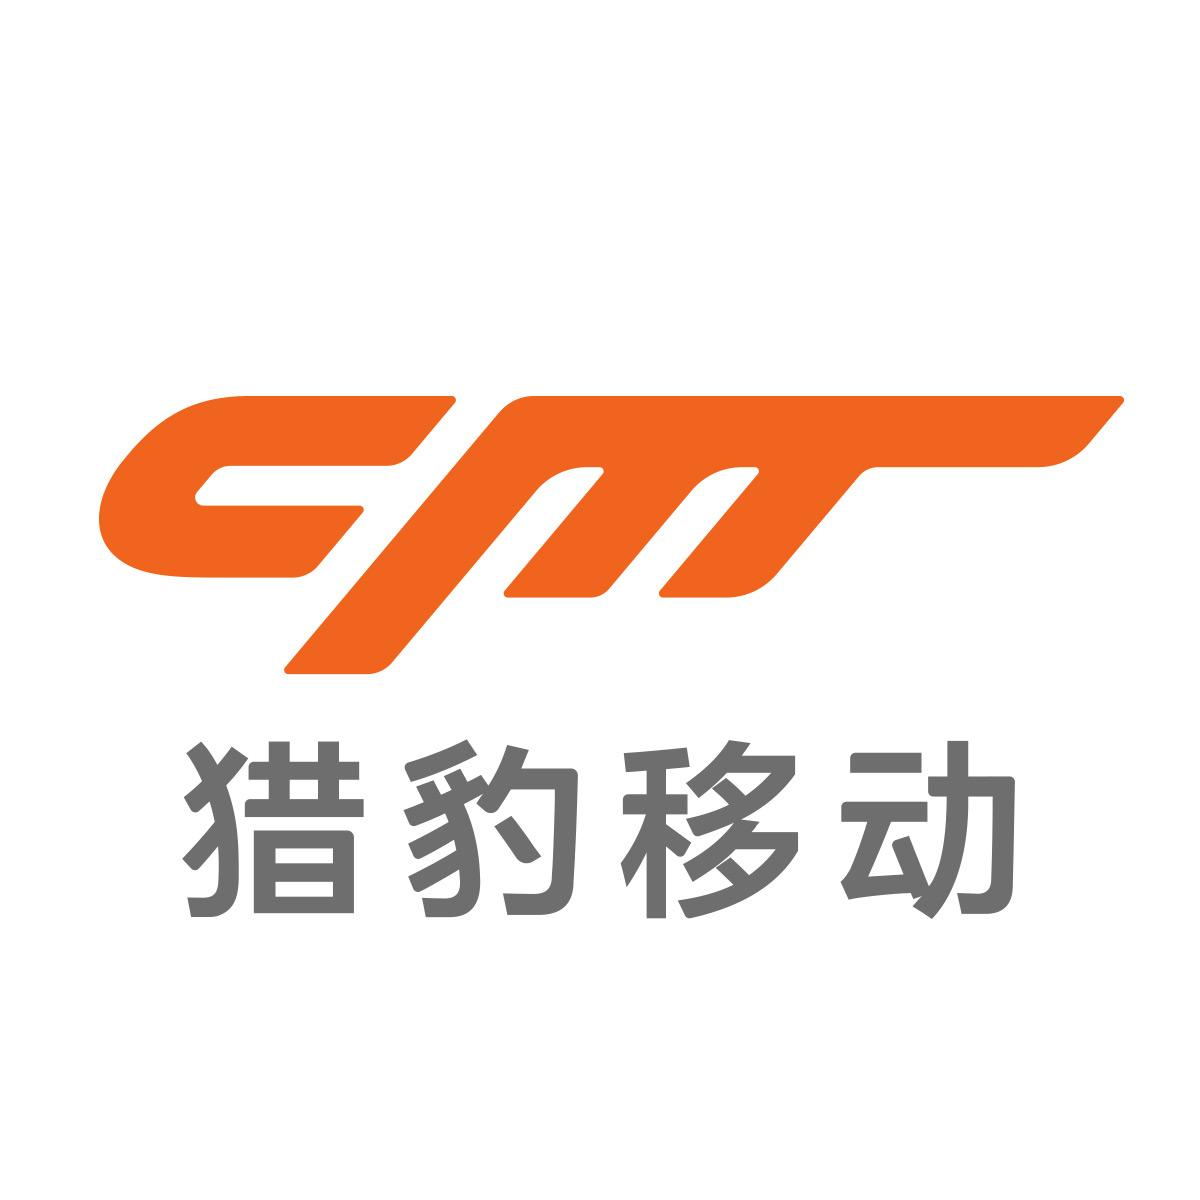 北京猎豹网络科技有限公司